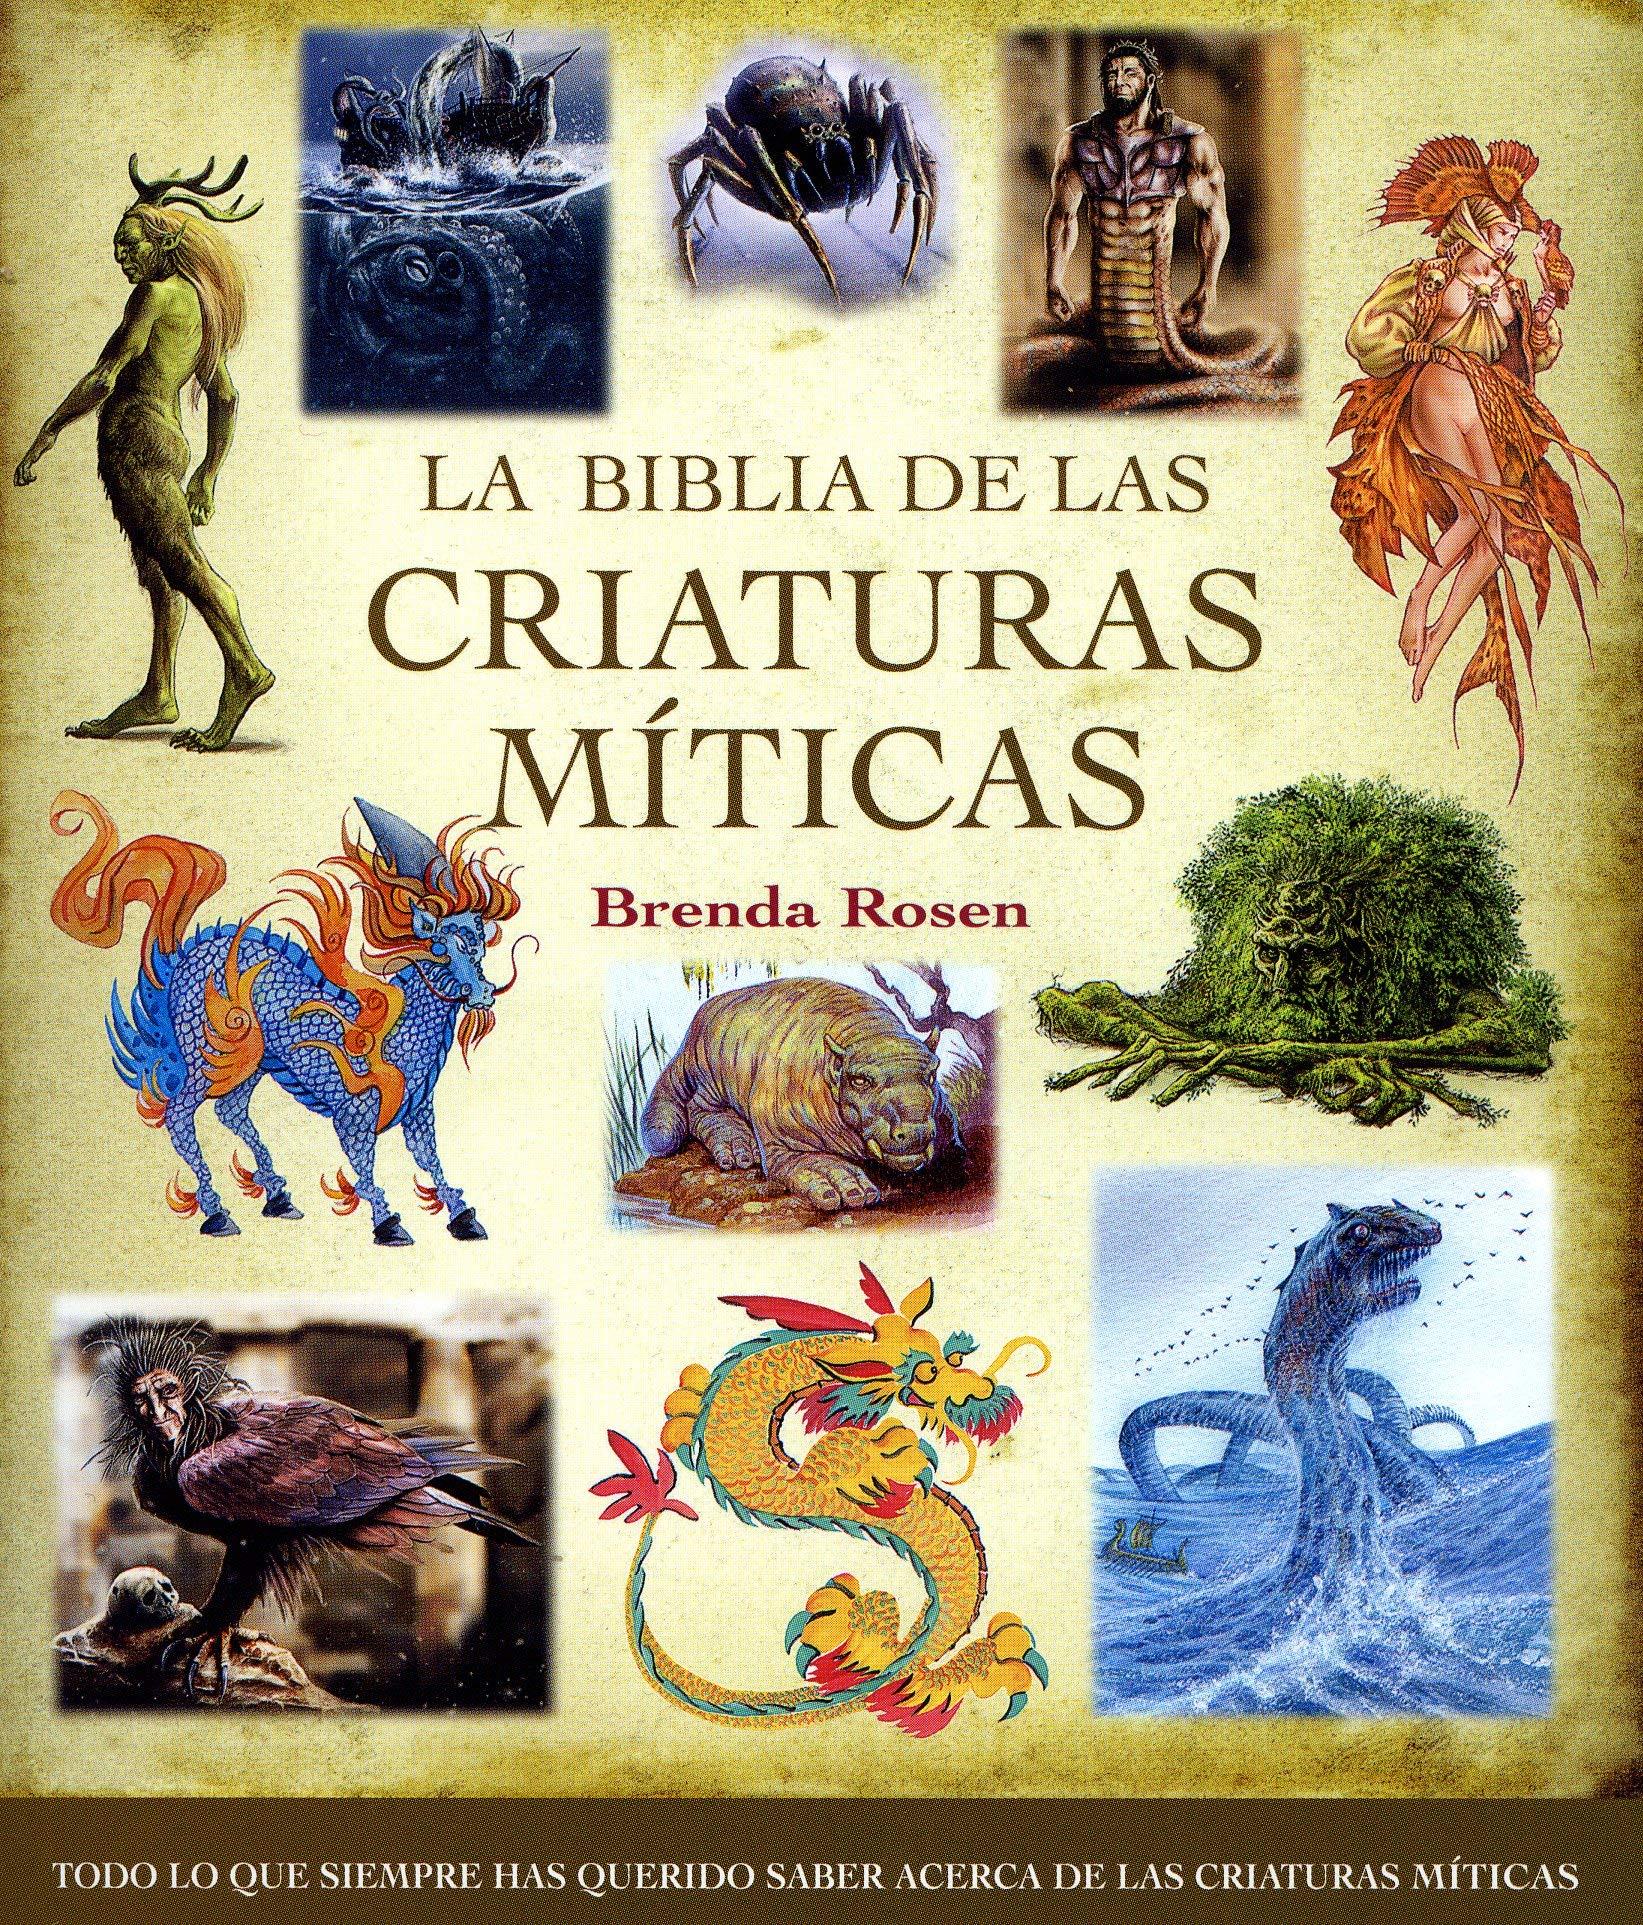 La biblia de las criaturas míticas: Todo lo que siempre has querido saber acerca de las criaturas míticas Cuerpo - Mente: Amazon.es: Rosen, Brenda, Steinbrun, Nora: Libros